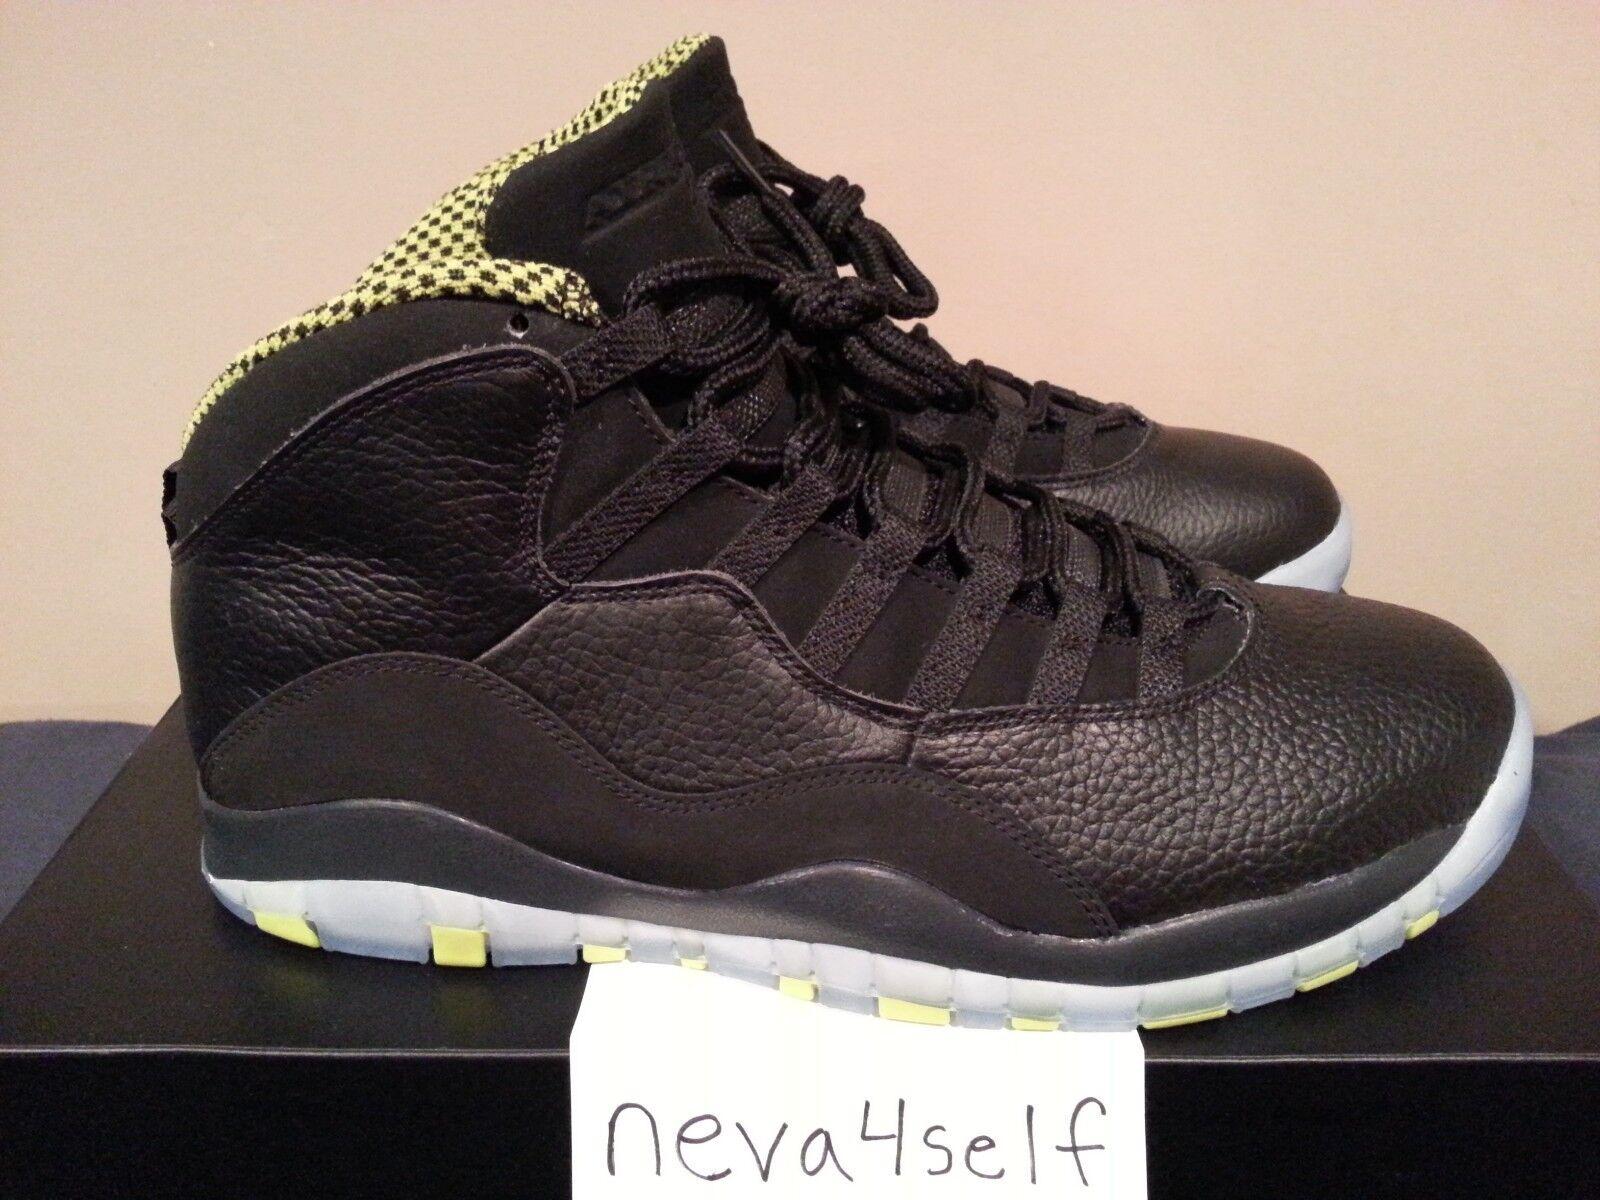 Nike air jordan 10 retro - - - gift größe 11 bnib!! 4d1a54